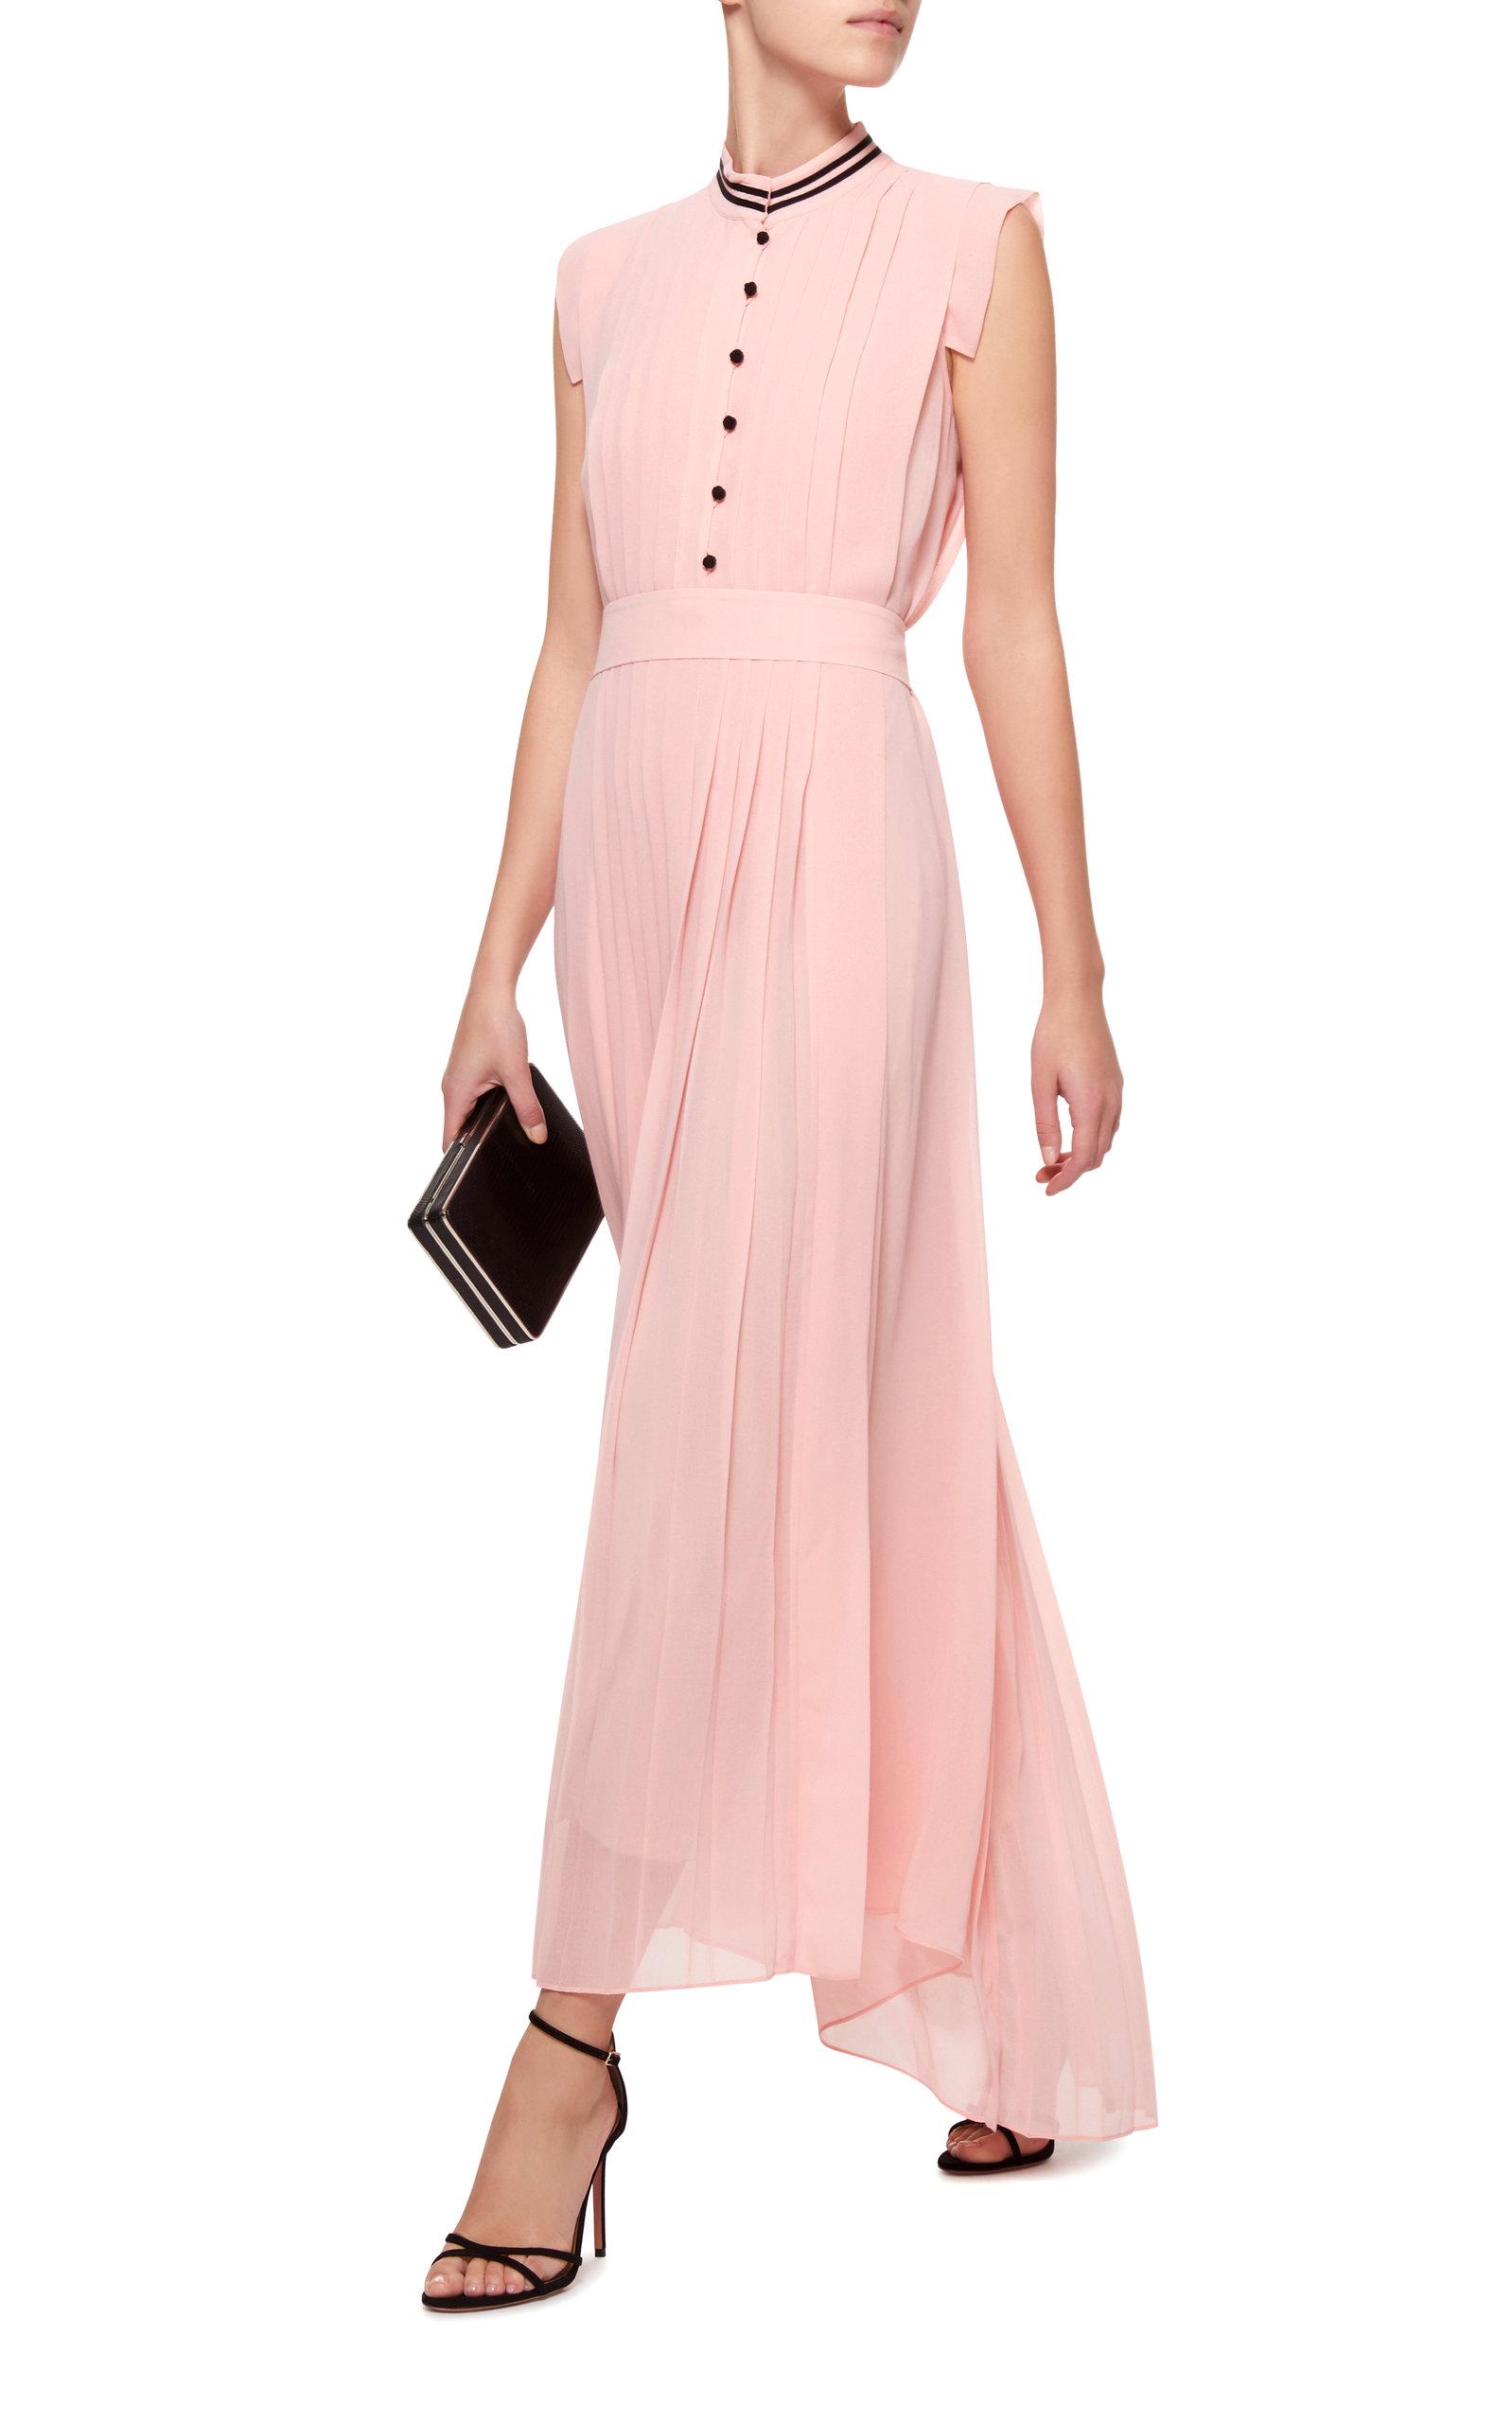 Encantador Vestido De Novia Tampa Regalo - Colección del Vestido de ...